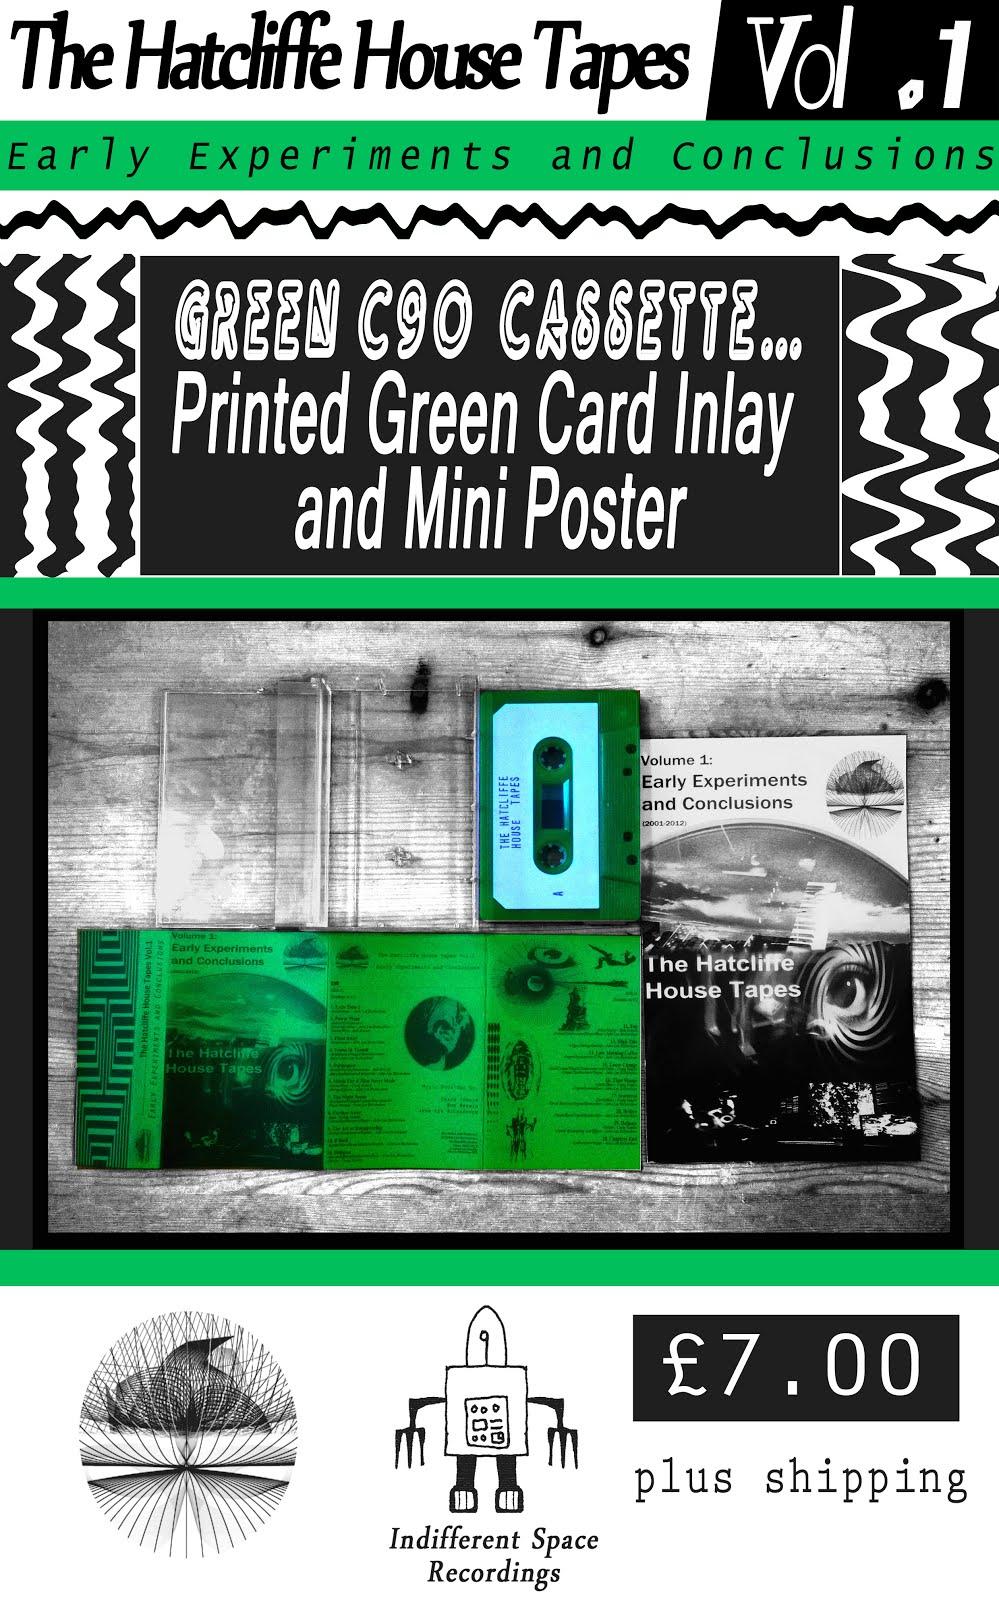 Volume 1 (C90 Green Cassette)